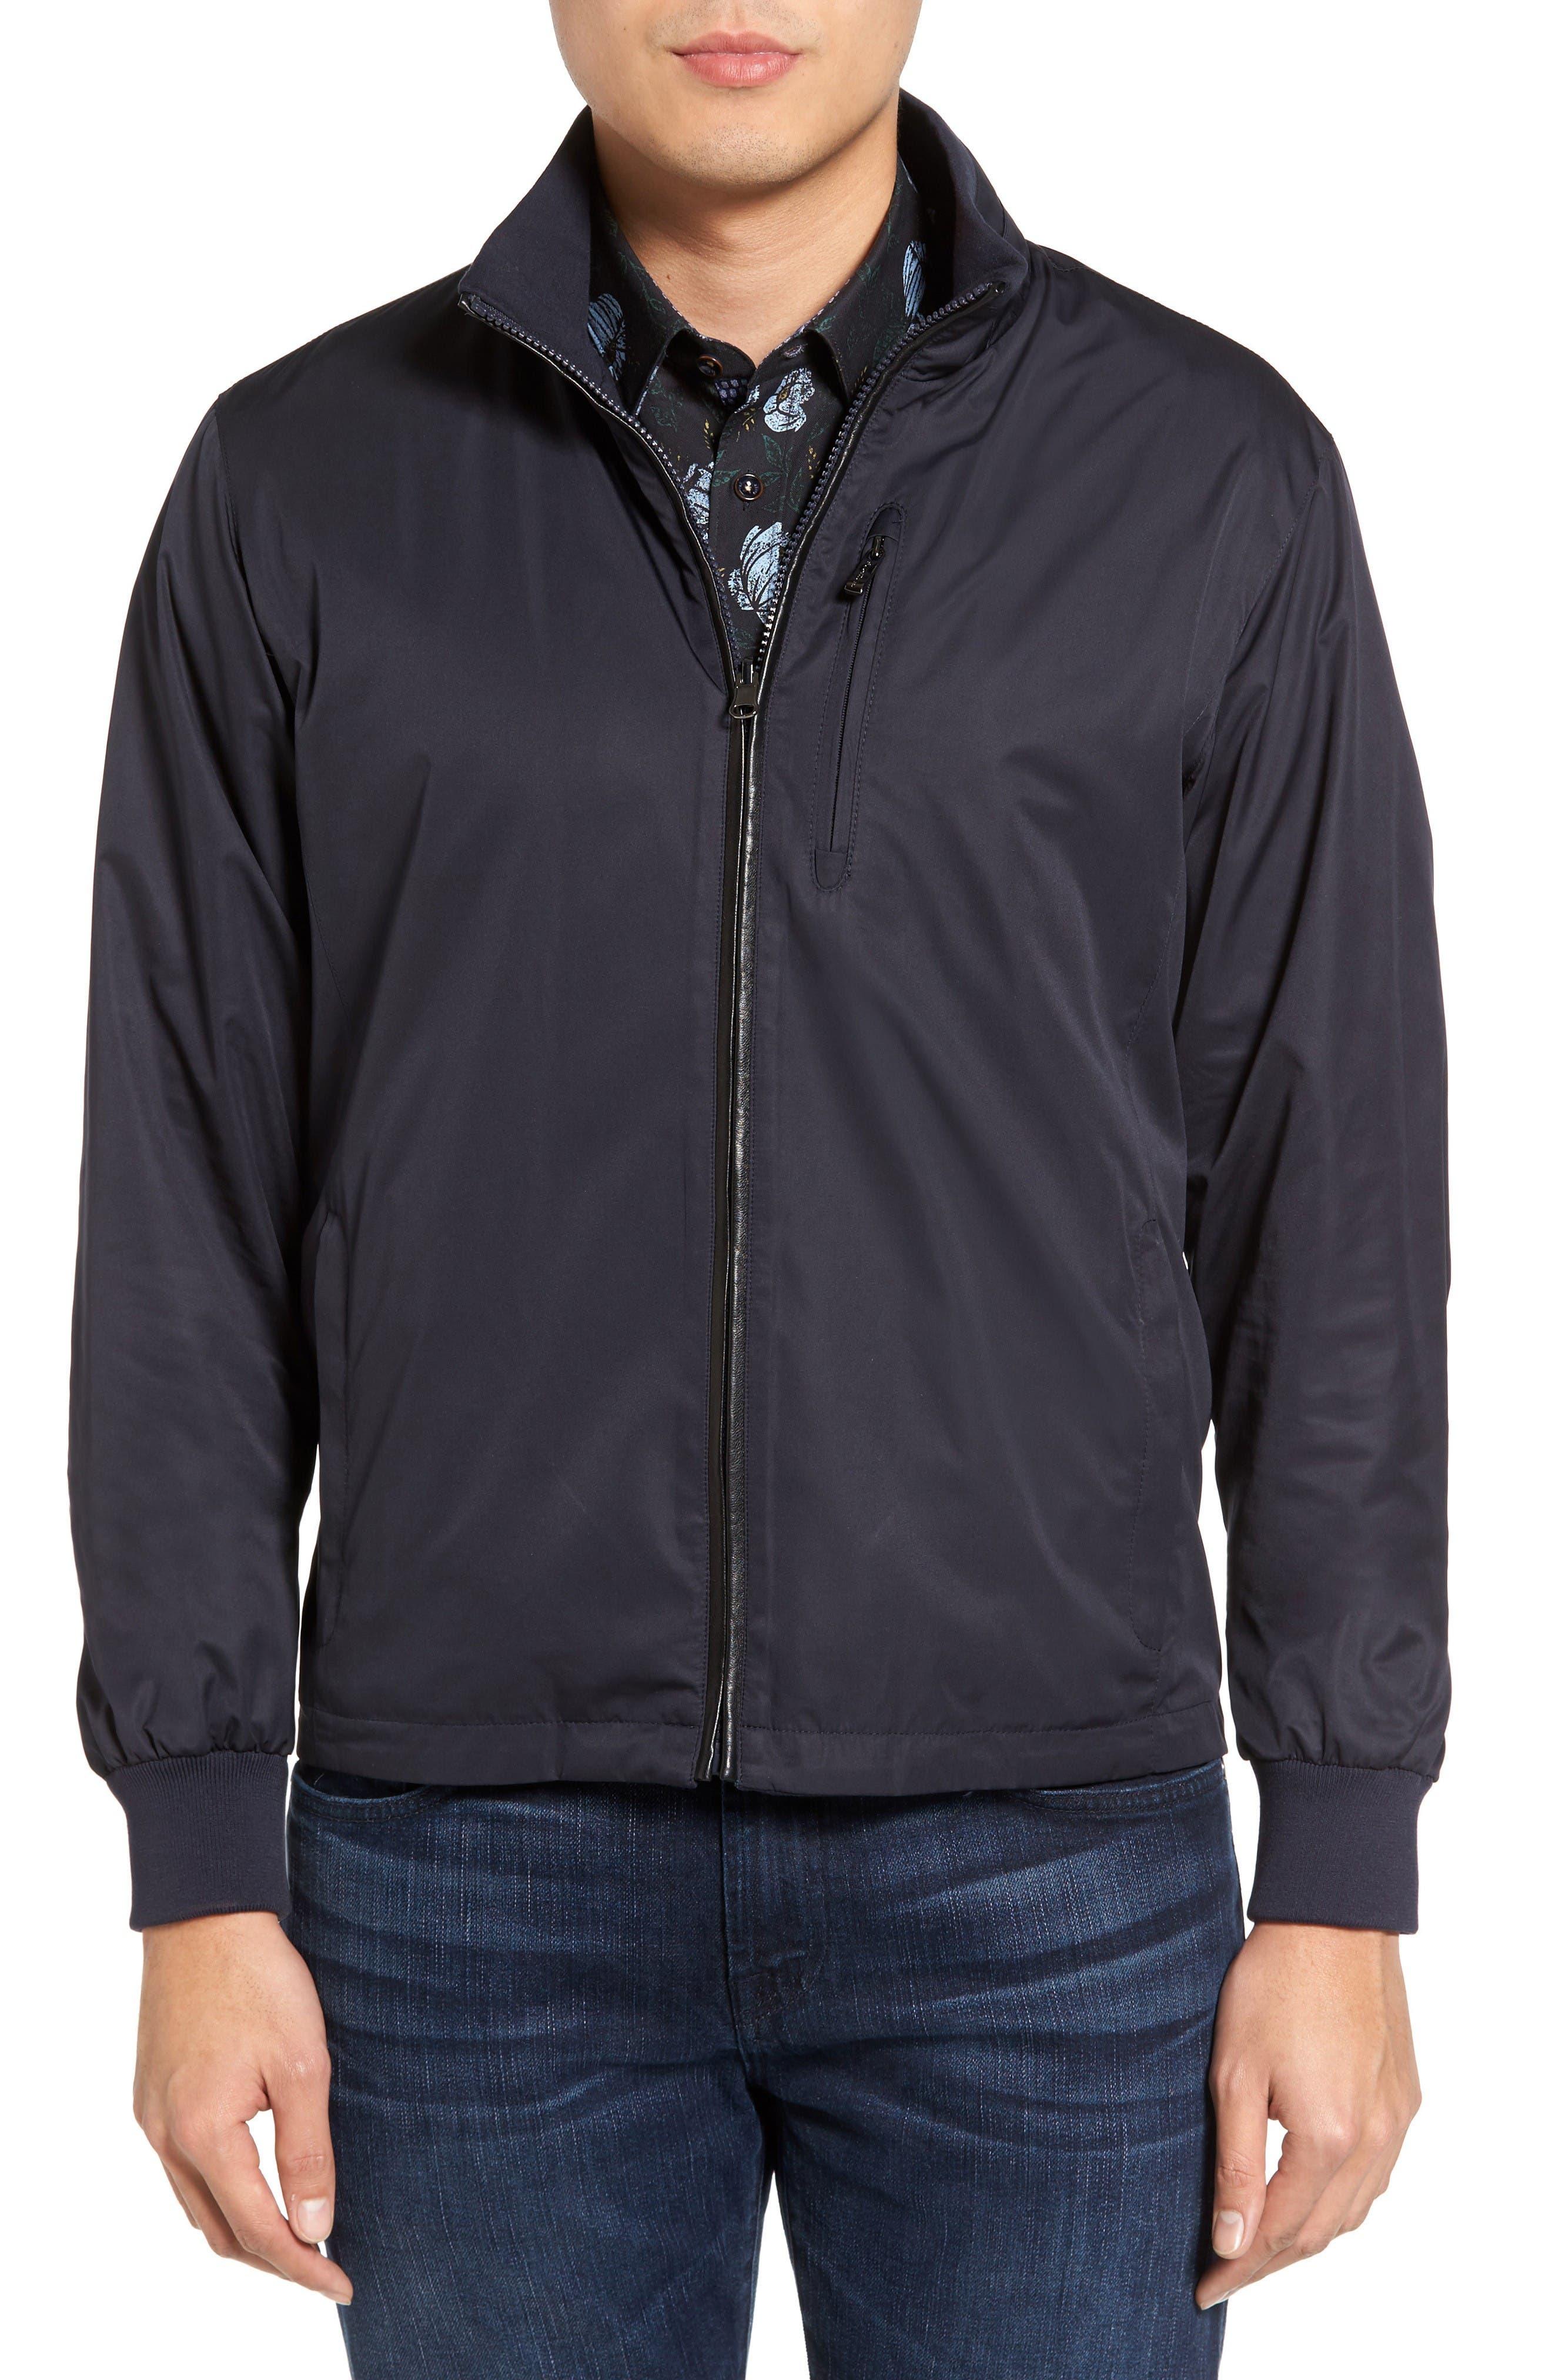 Main Image - Bugatchi Reversible Jacket